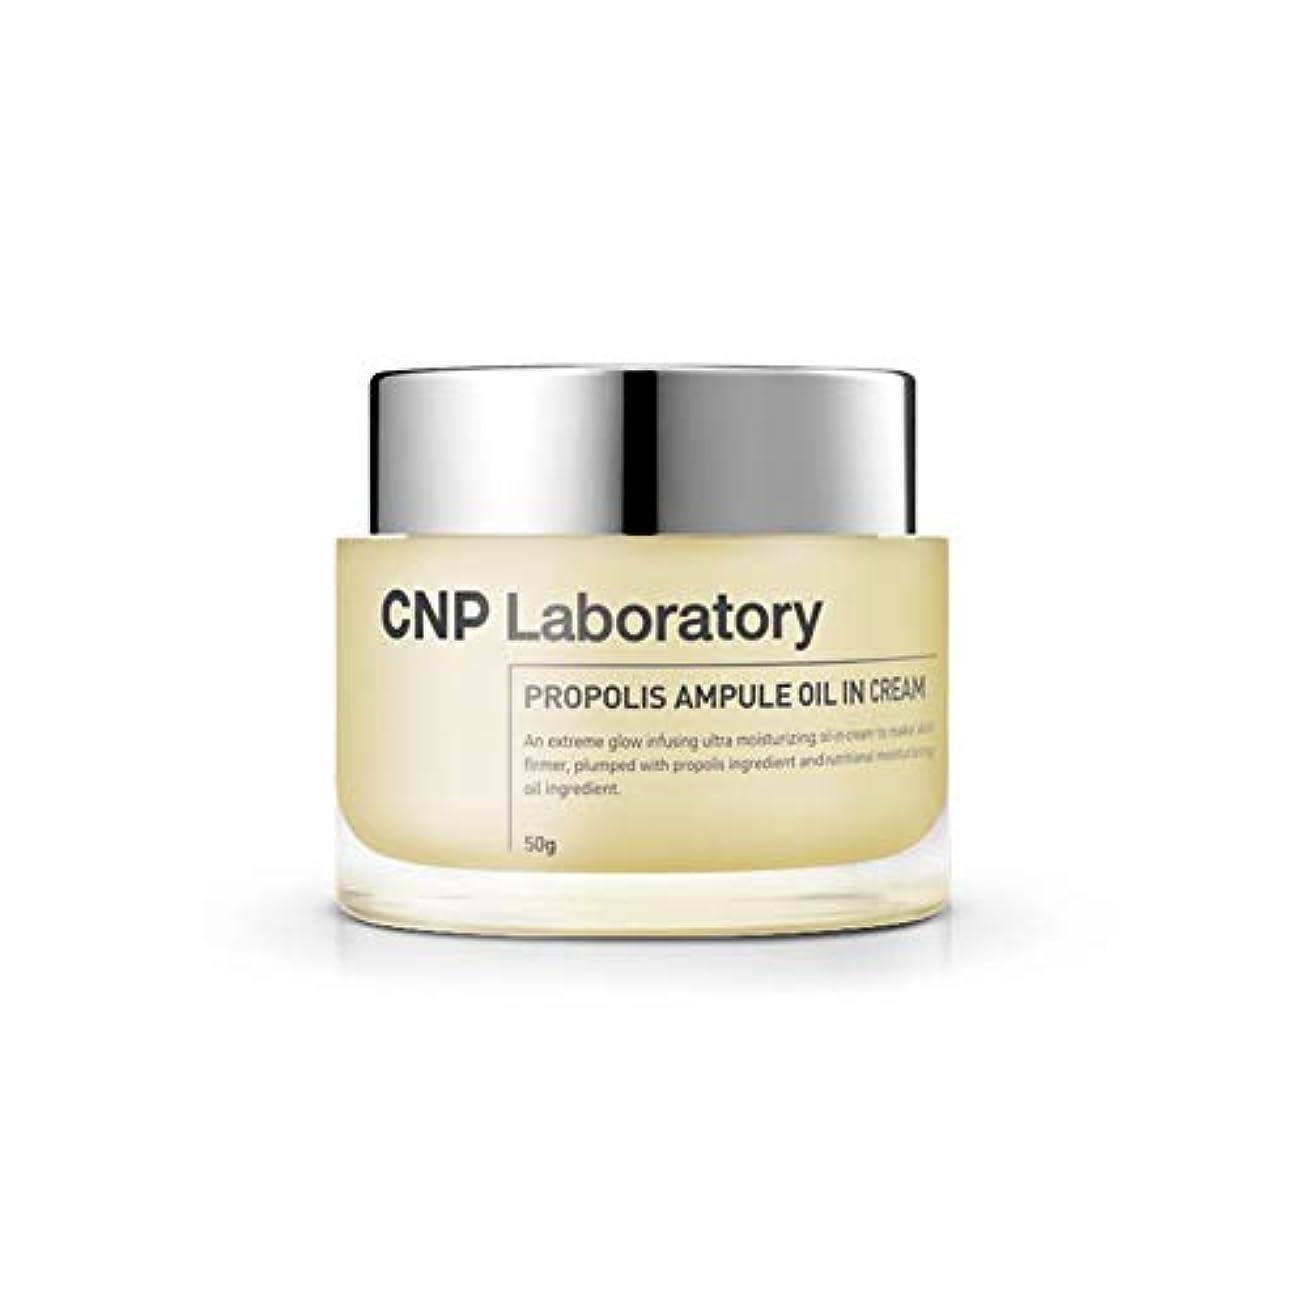 リップ表面呪い[CNP Laboratory] CNP チャ&パク プロポリスアンプルオイルインクリーム 50g [海外直送品][並行輸入品]